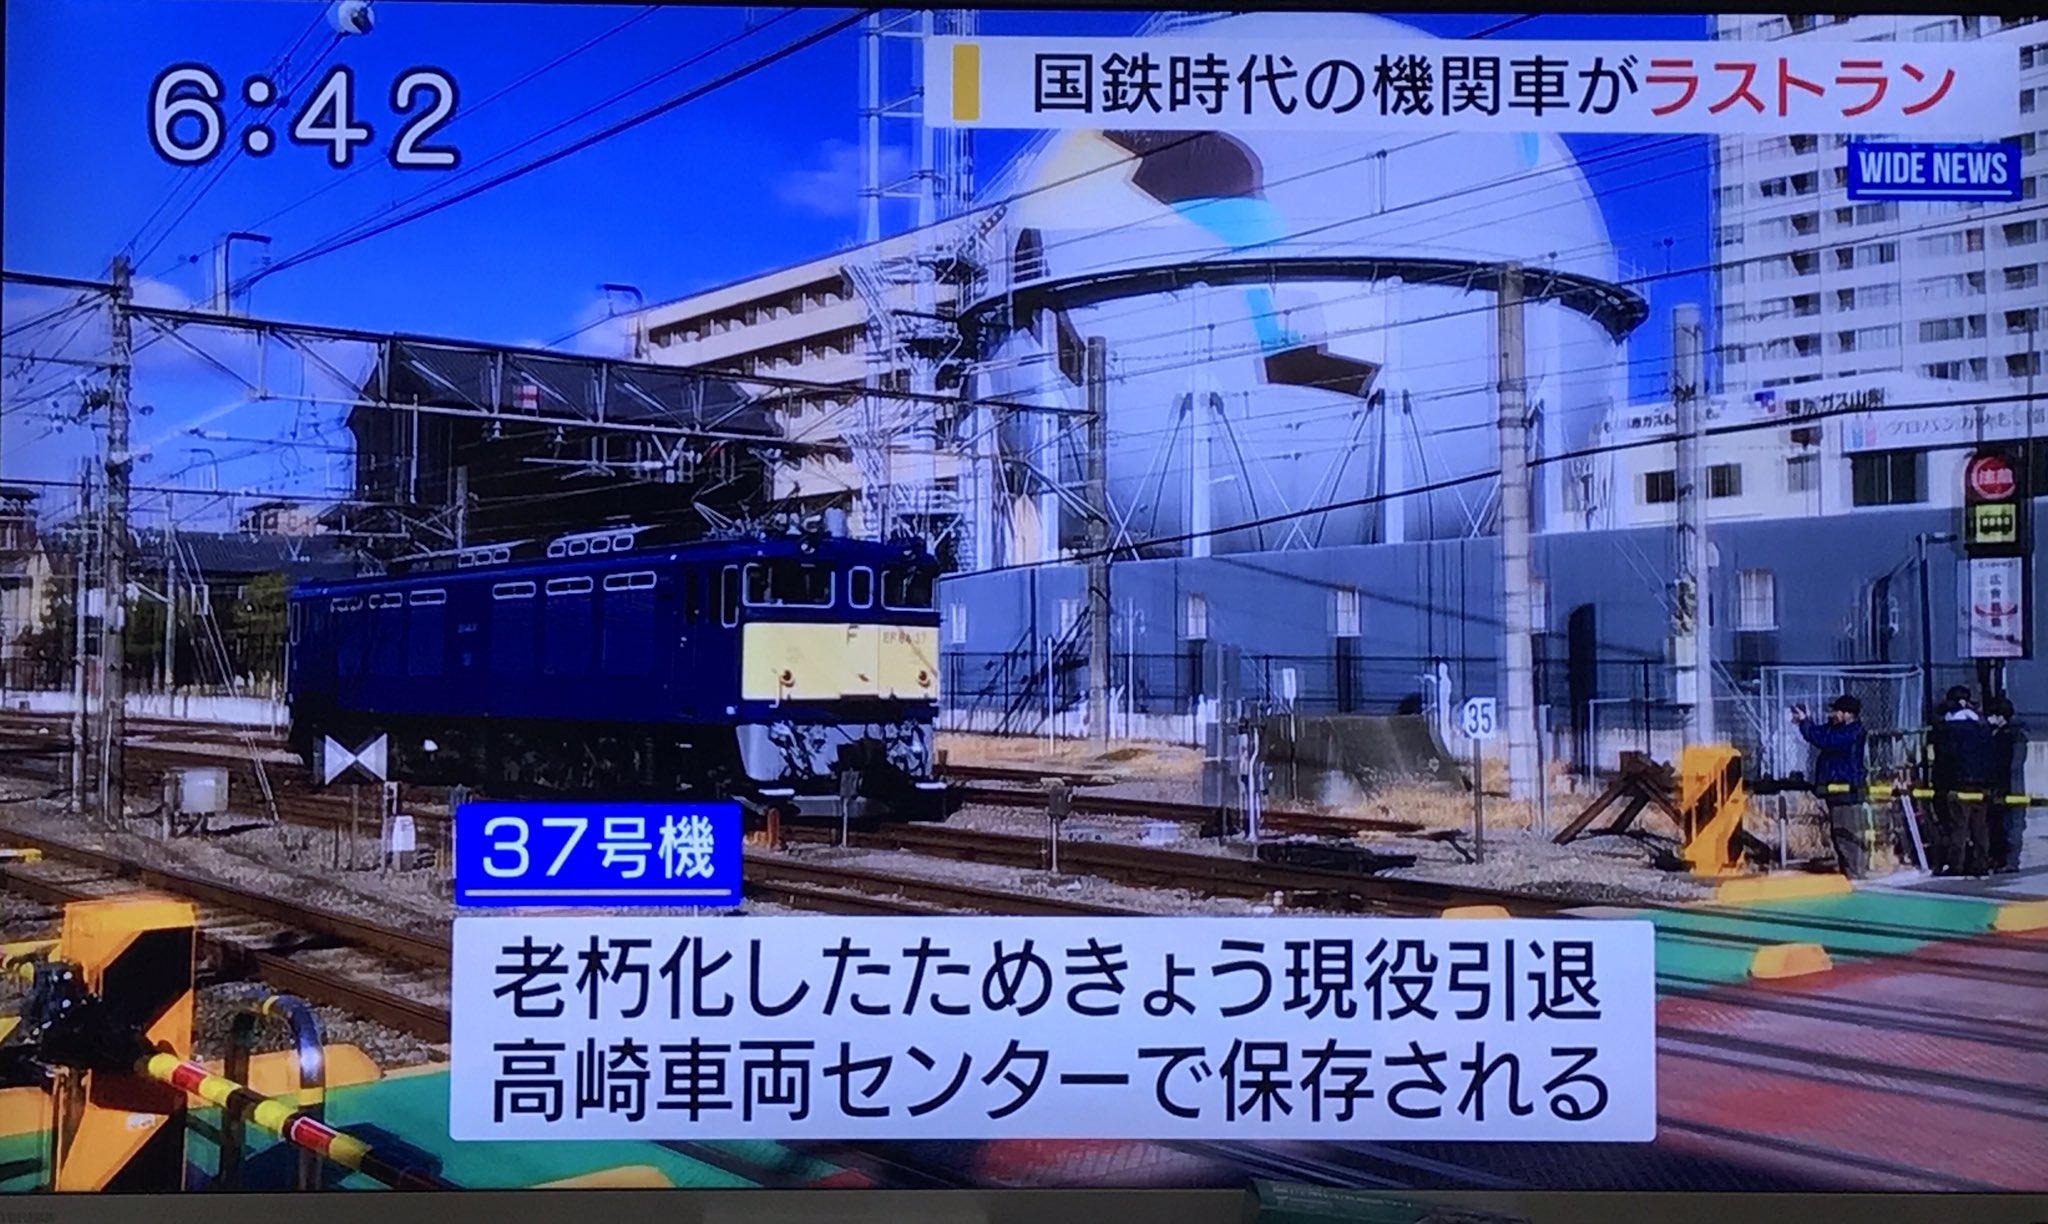 【日本テレビがデマ】 EF64-37についてJR東日本「引退の予定なし」